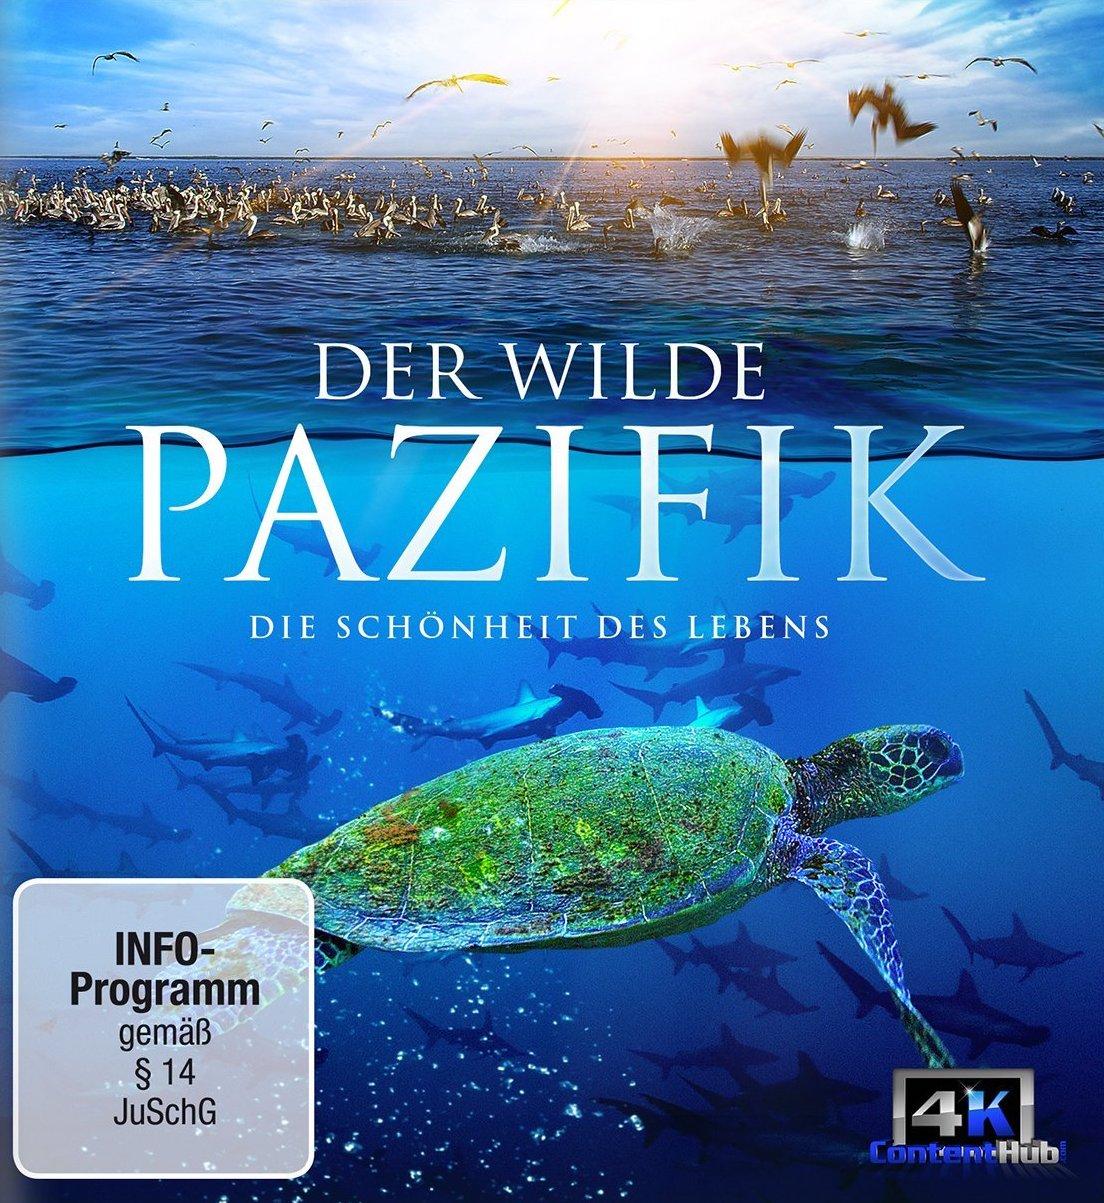 Der.wilde.Pazifik.-.Die.Schoenheit.des.Lebens.2015.German.Dubbed.DL.2160p.Web-DL.x264-NIMA4K